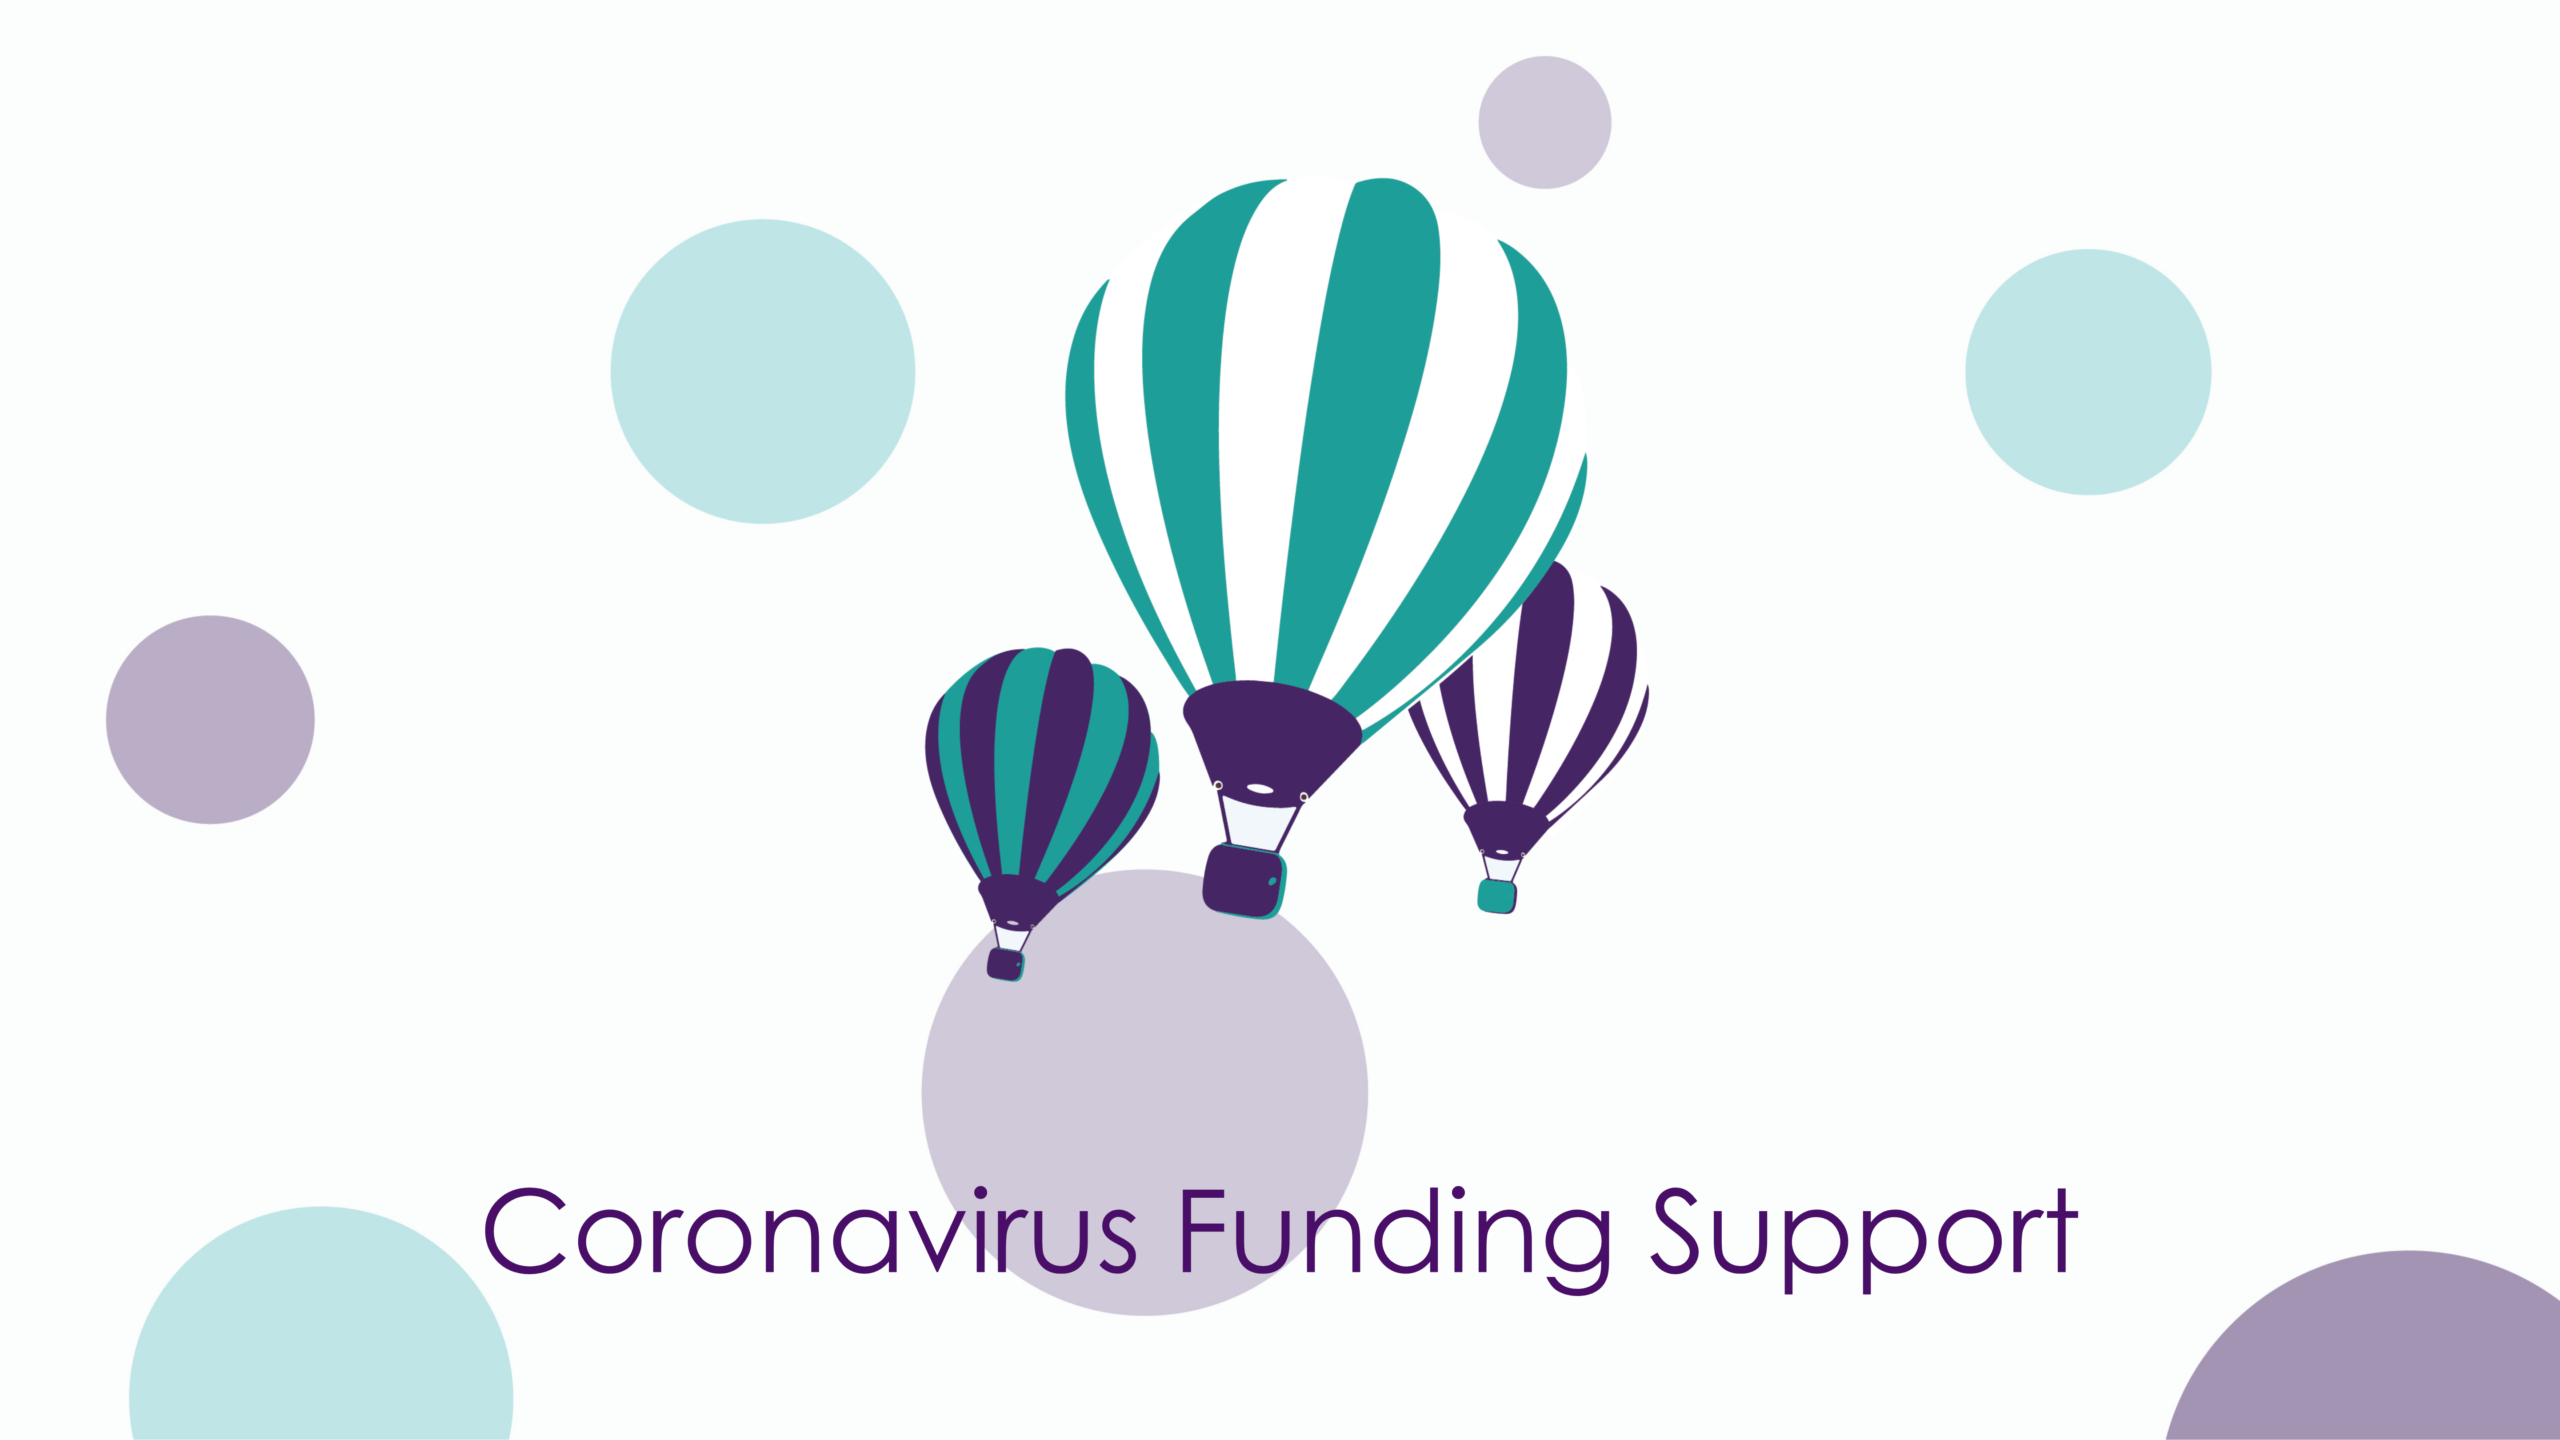 CORONAVIRUS FUNDING SUPPORT